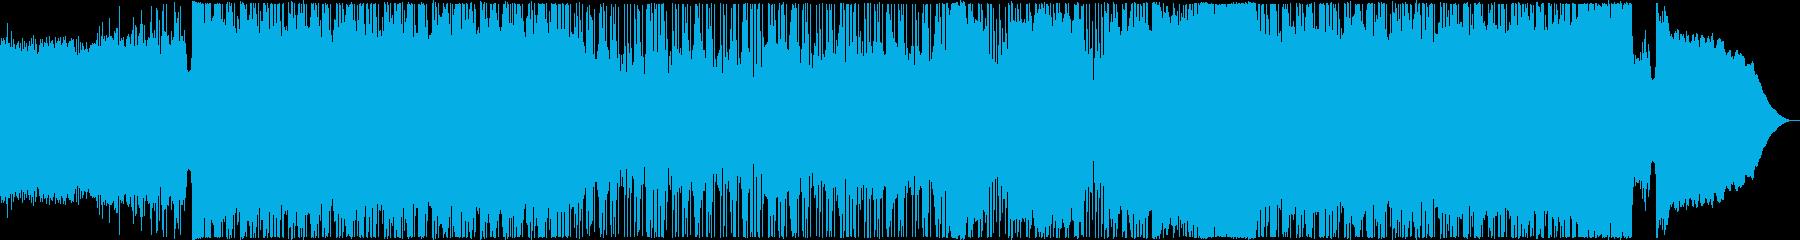 ノリノリのファンキーなメタルの再生済みの波形